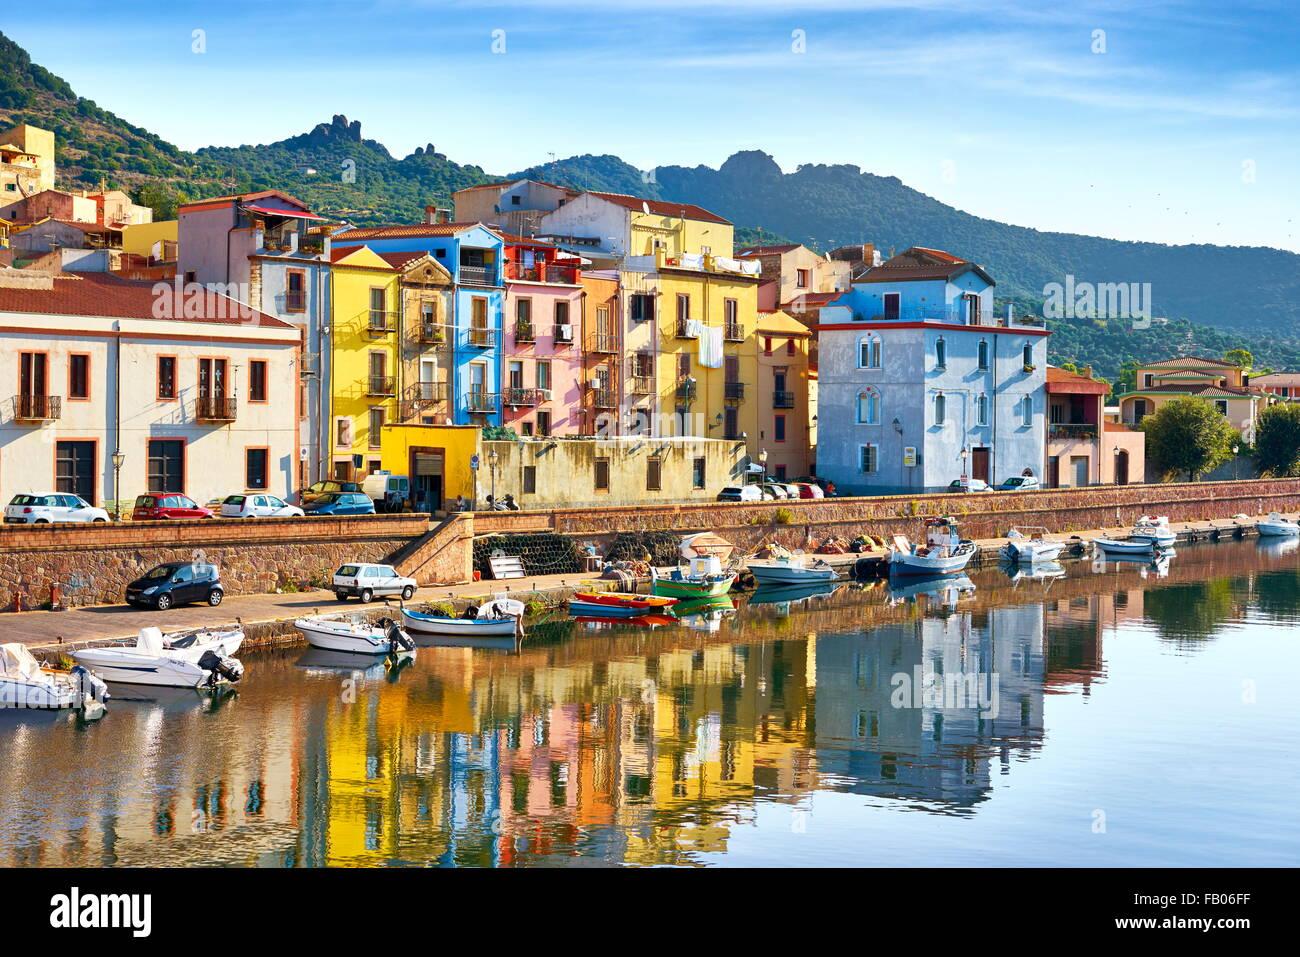 Bosa Città Vecchia, la Riviera del Corallo, Sardegna (Sardegna), Italia Immagini Stock